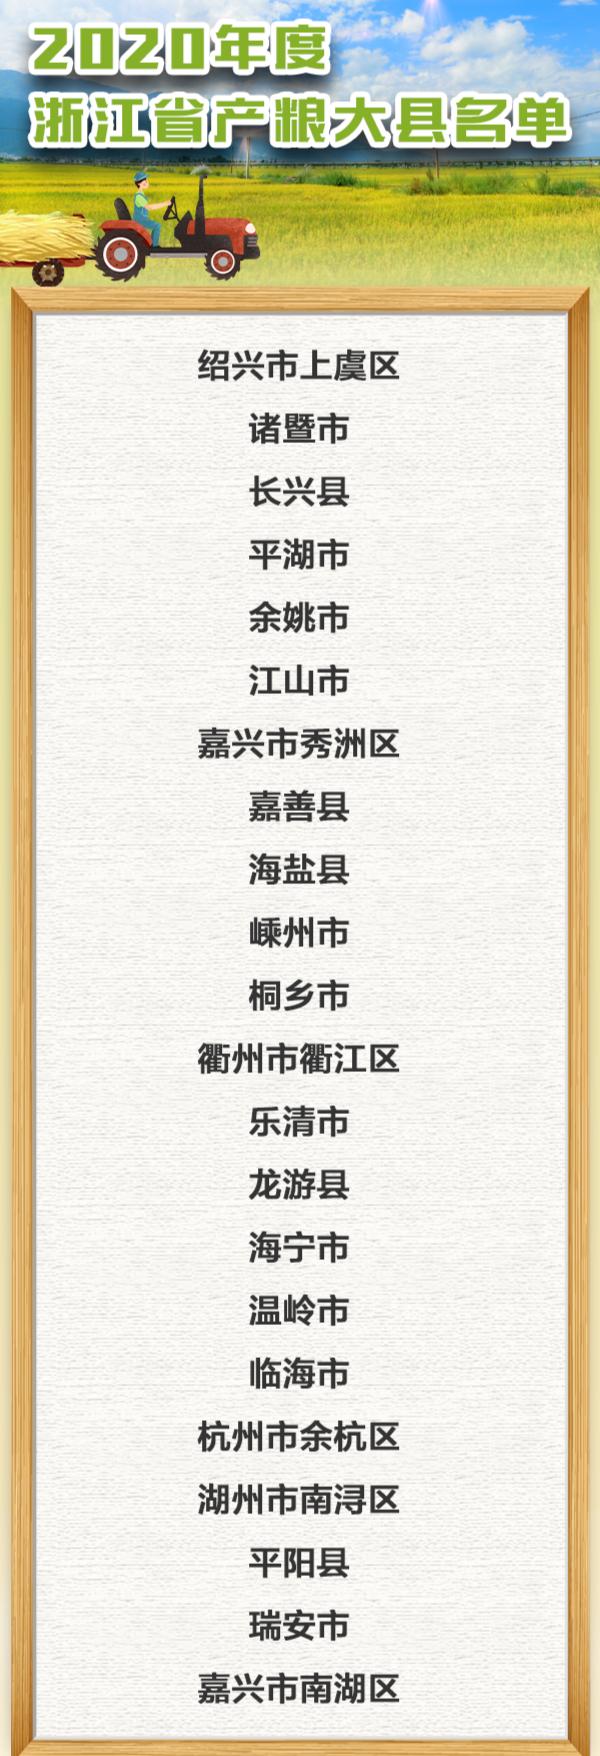 浙江产粮大县名单公布 余姚上榜